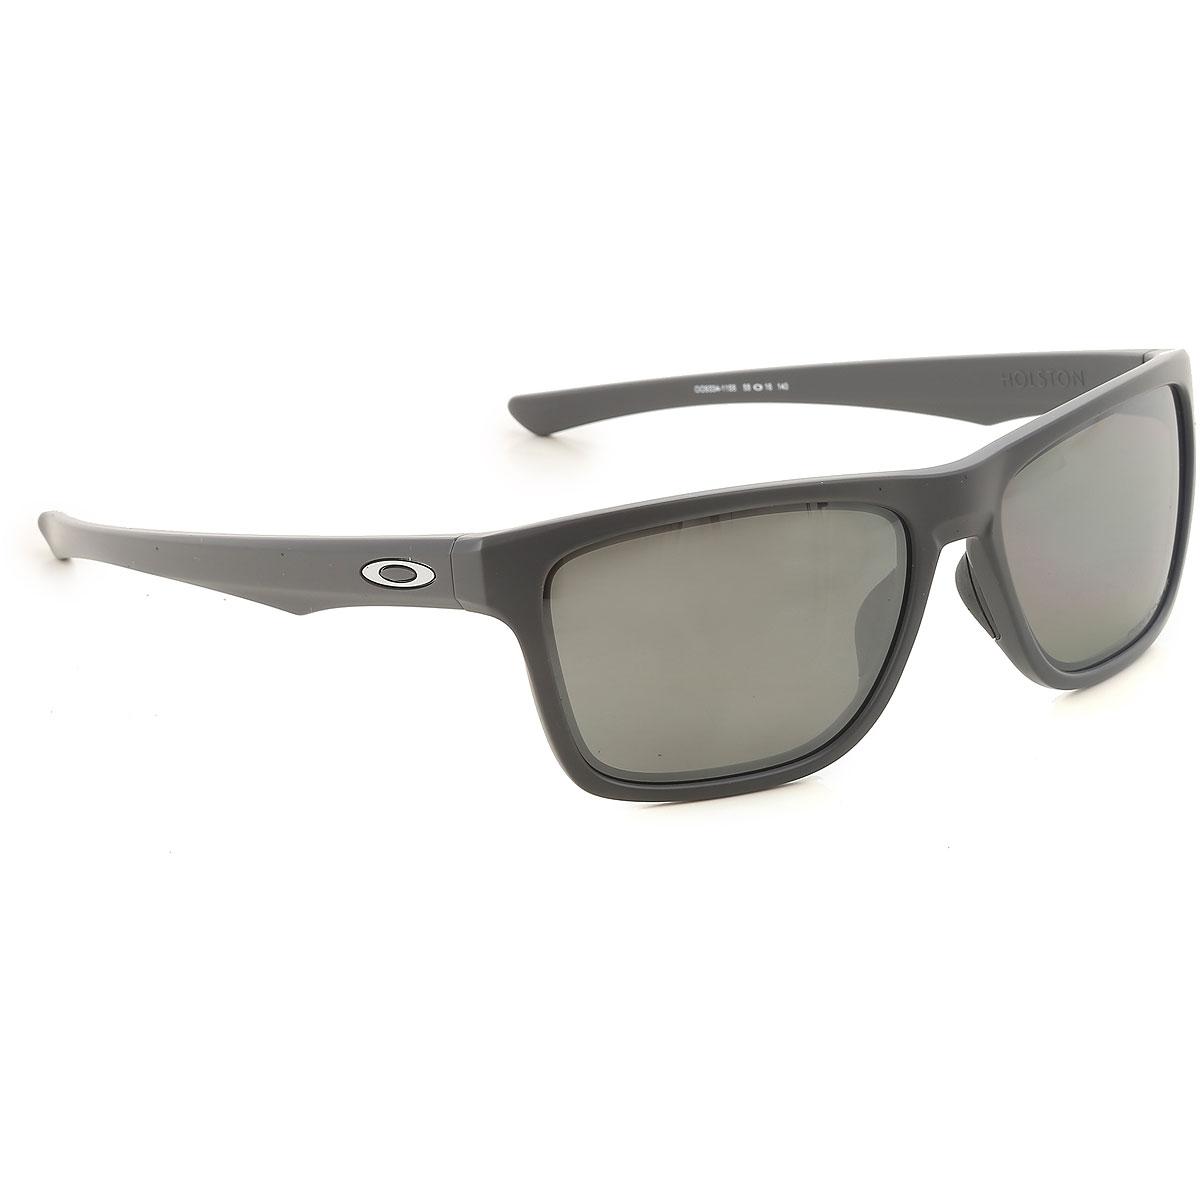 Oakley Sunglasses On Sale, Grey, 2019